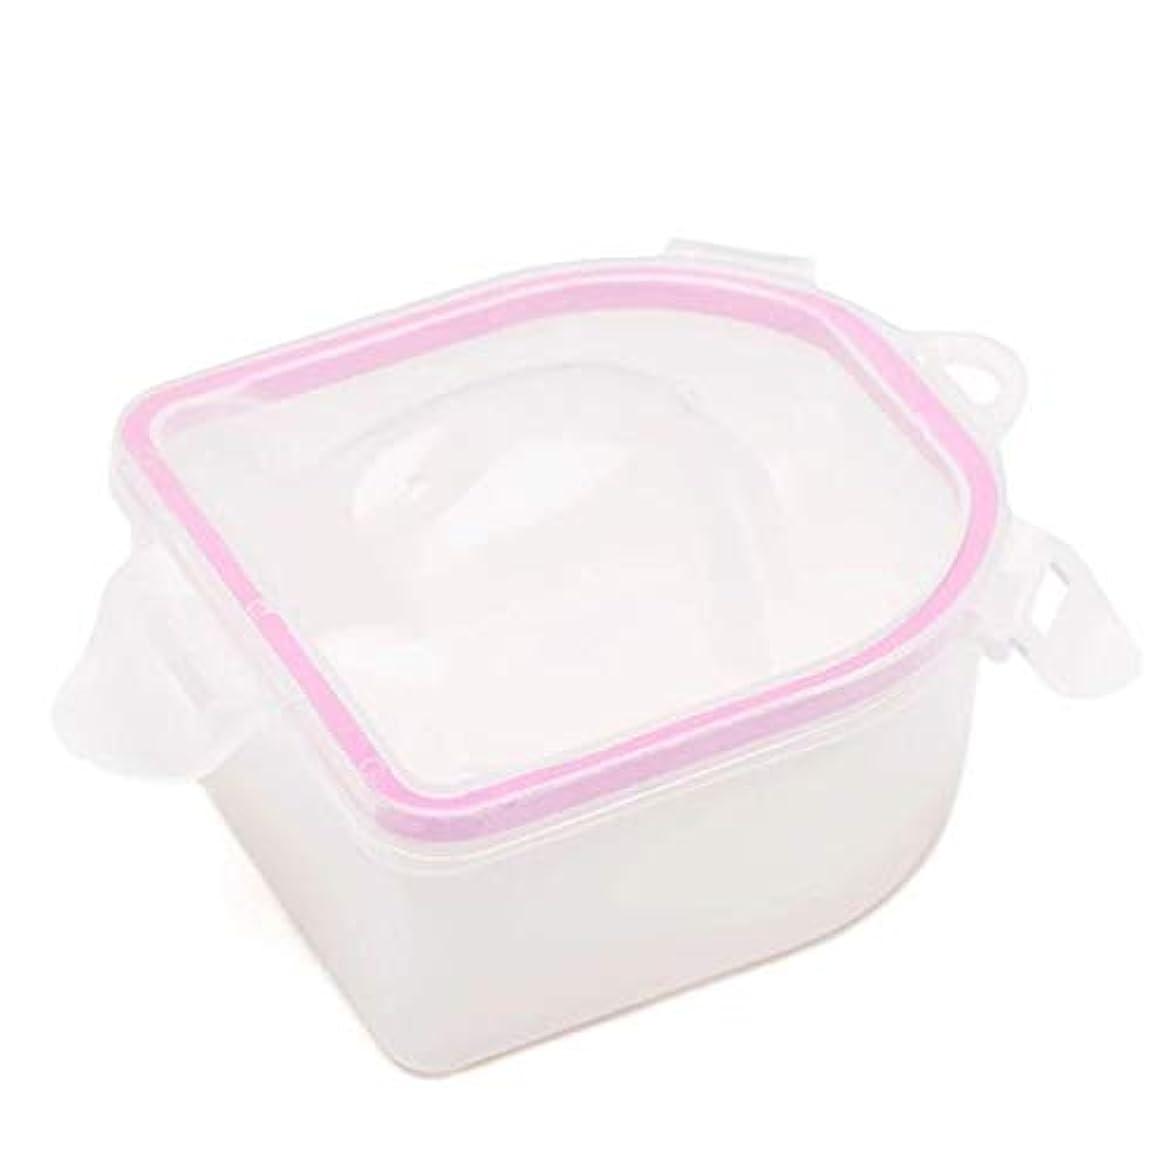 早い可動滑り台ネイルスパアセトン耐性ソークオフ暖かい水ボウルマニキュアネイルソークボウルマニキュア治療ツール,Pink